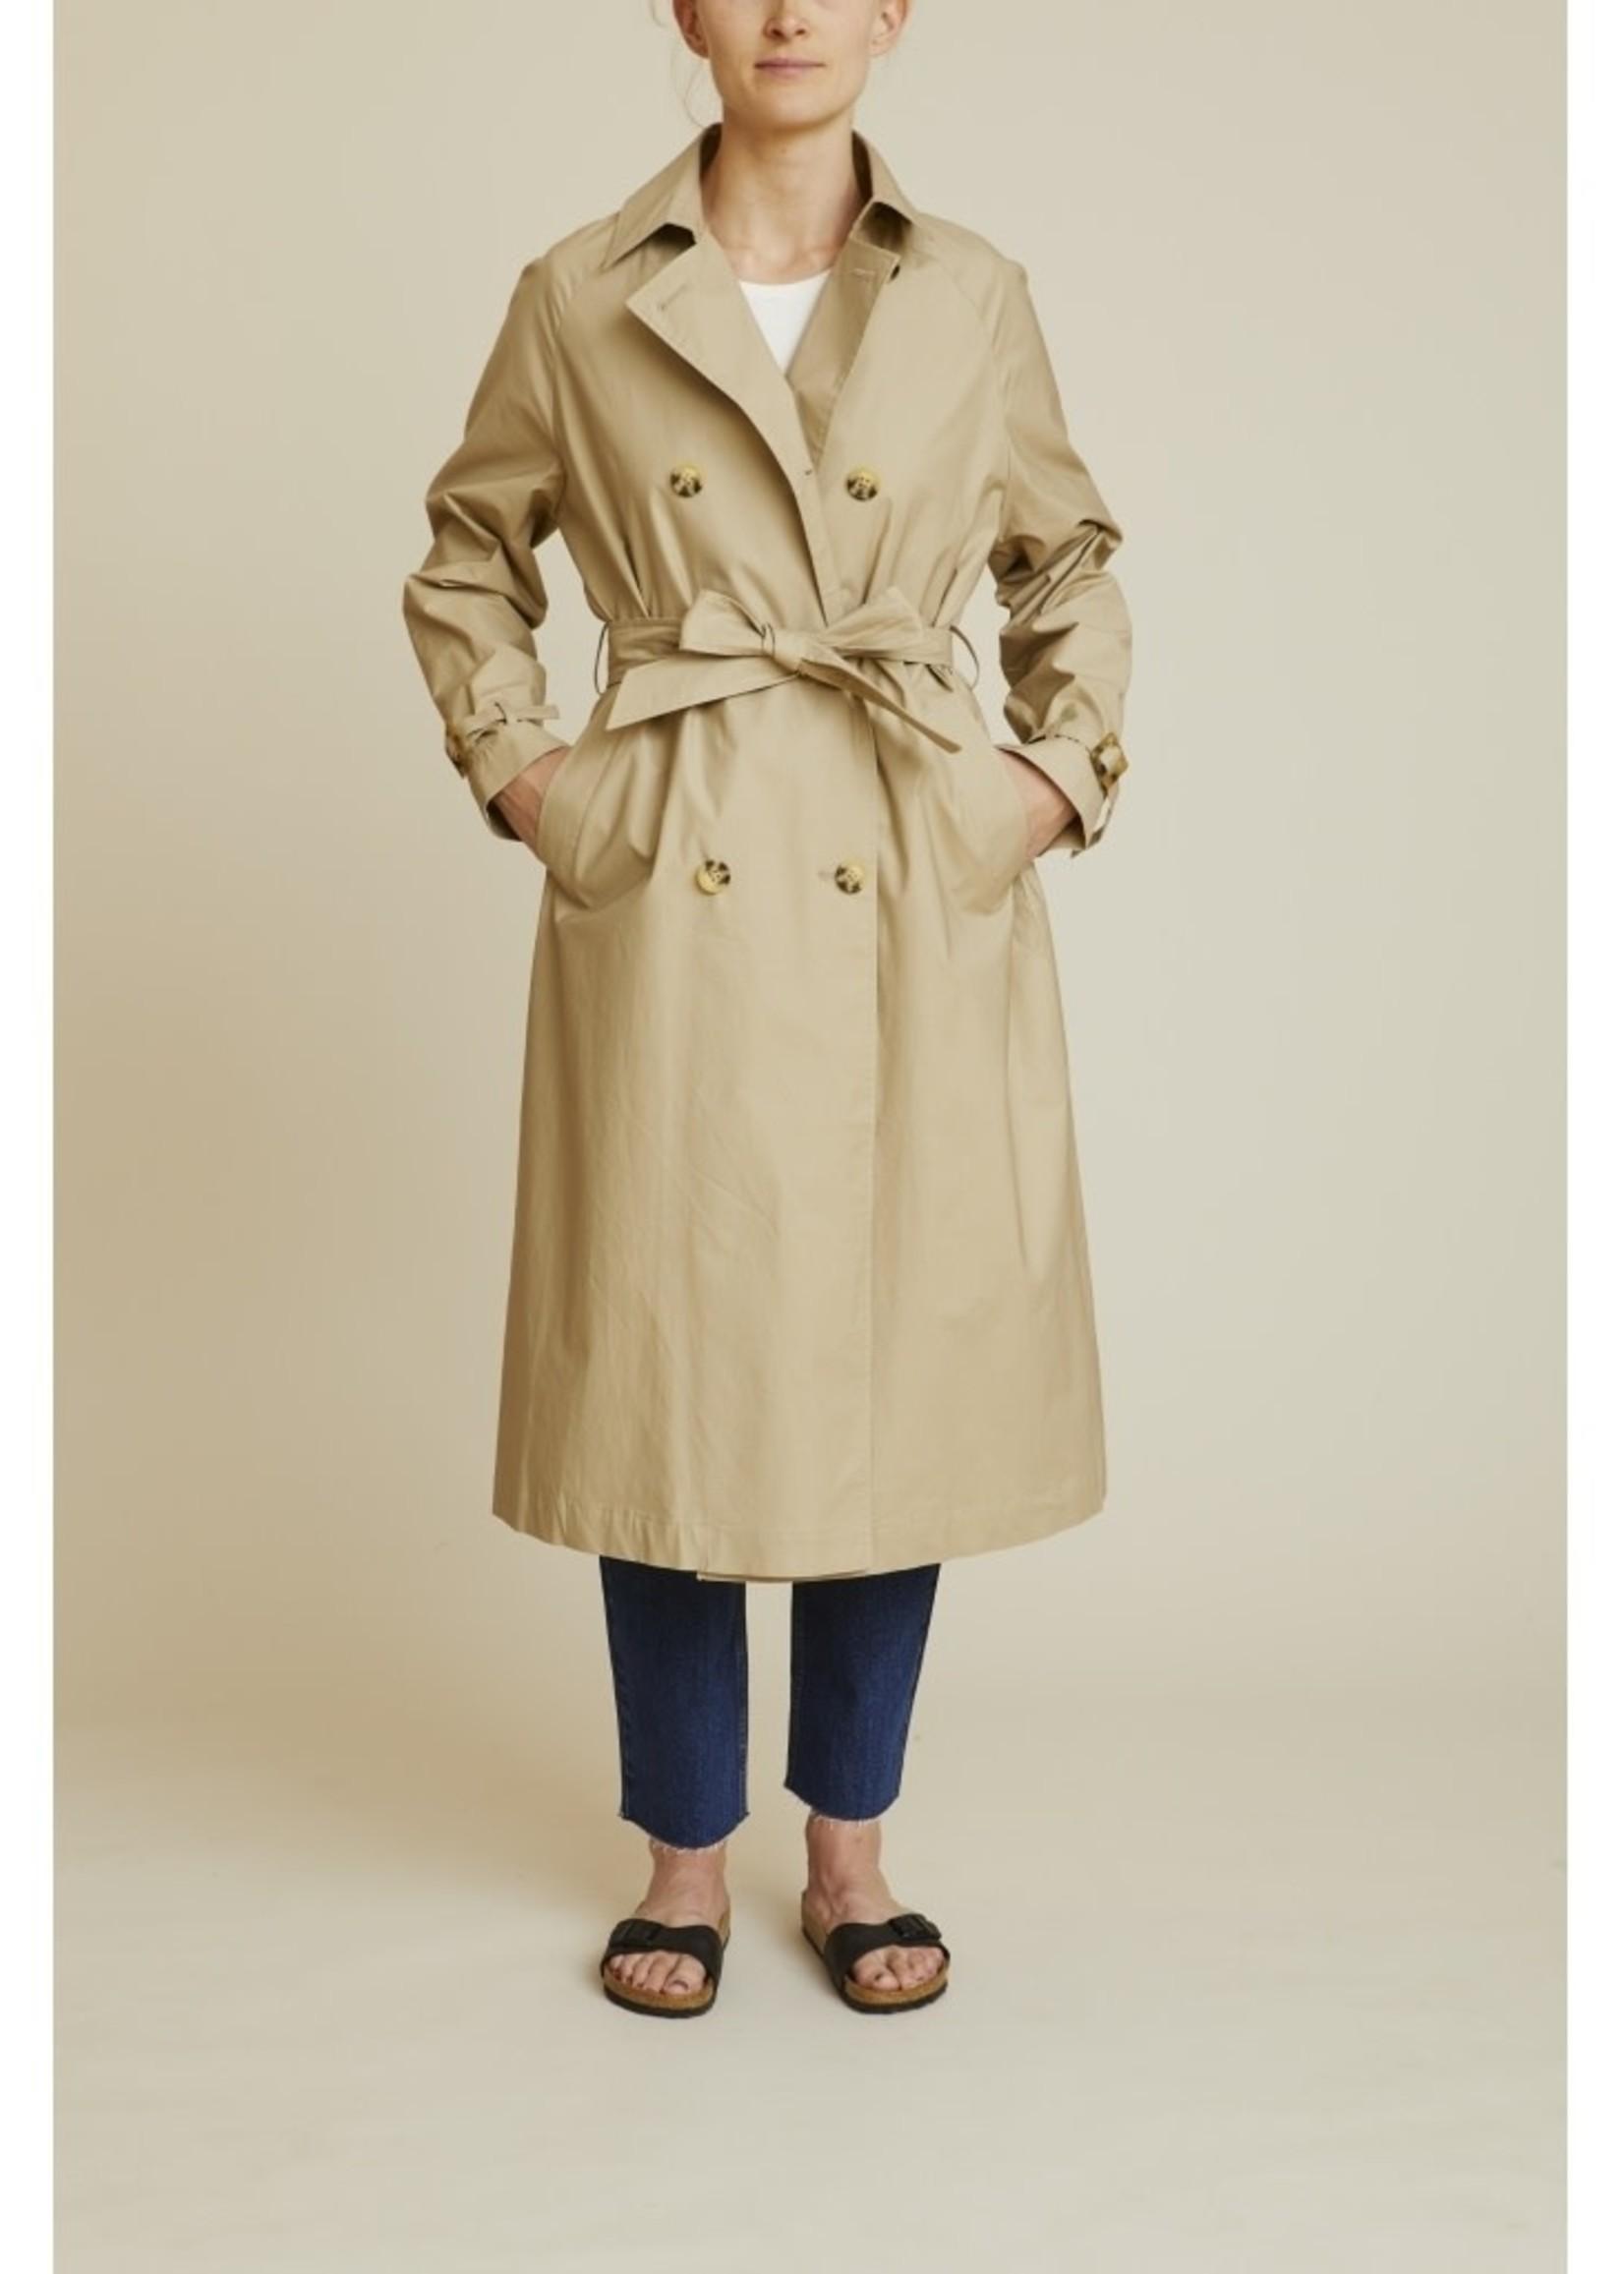 Basic Apparel Giselle Jacket